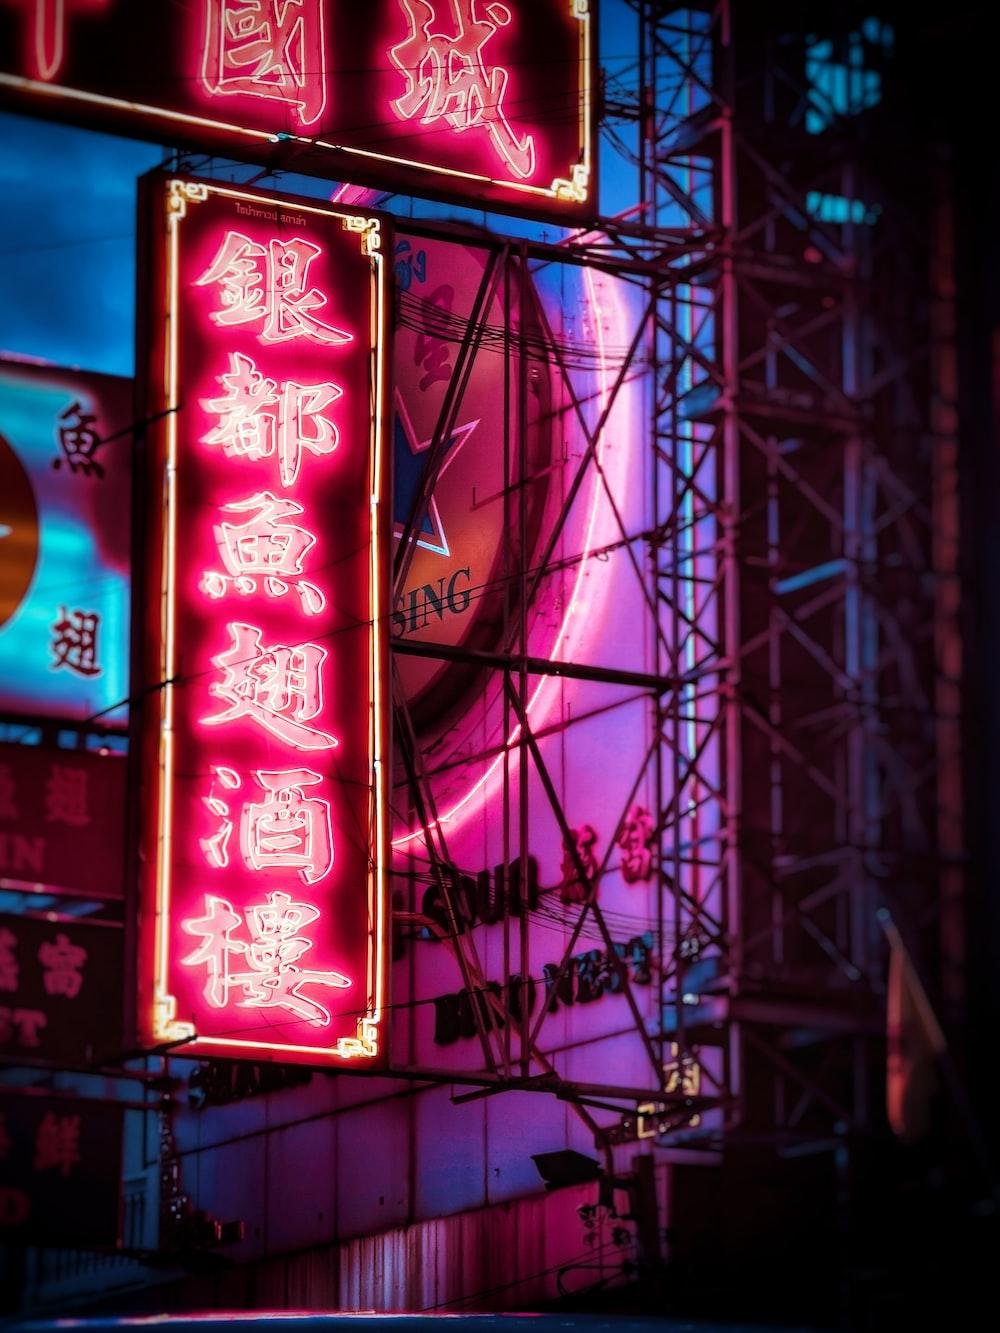 closeup photo of LED signage